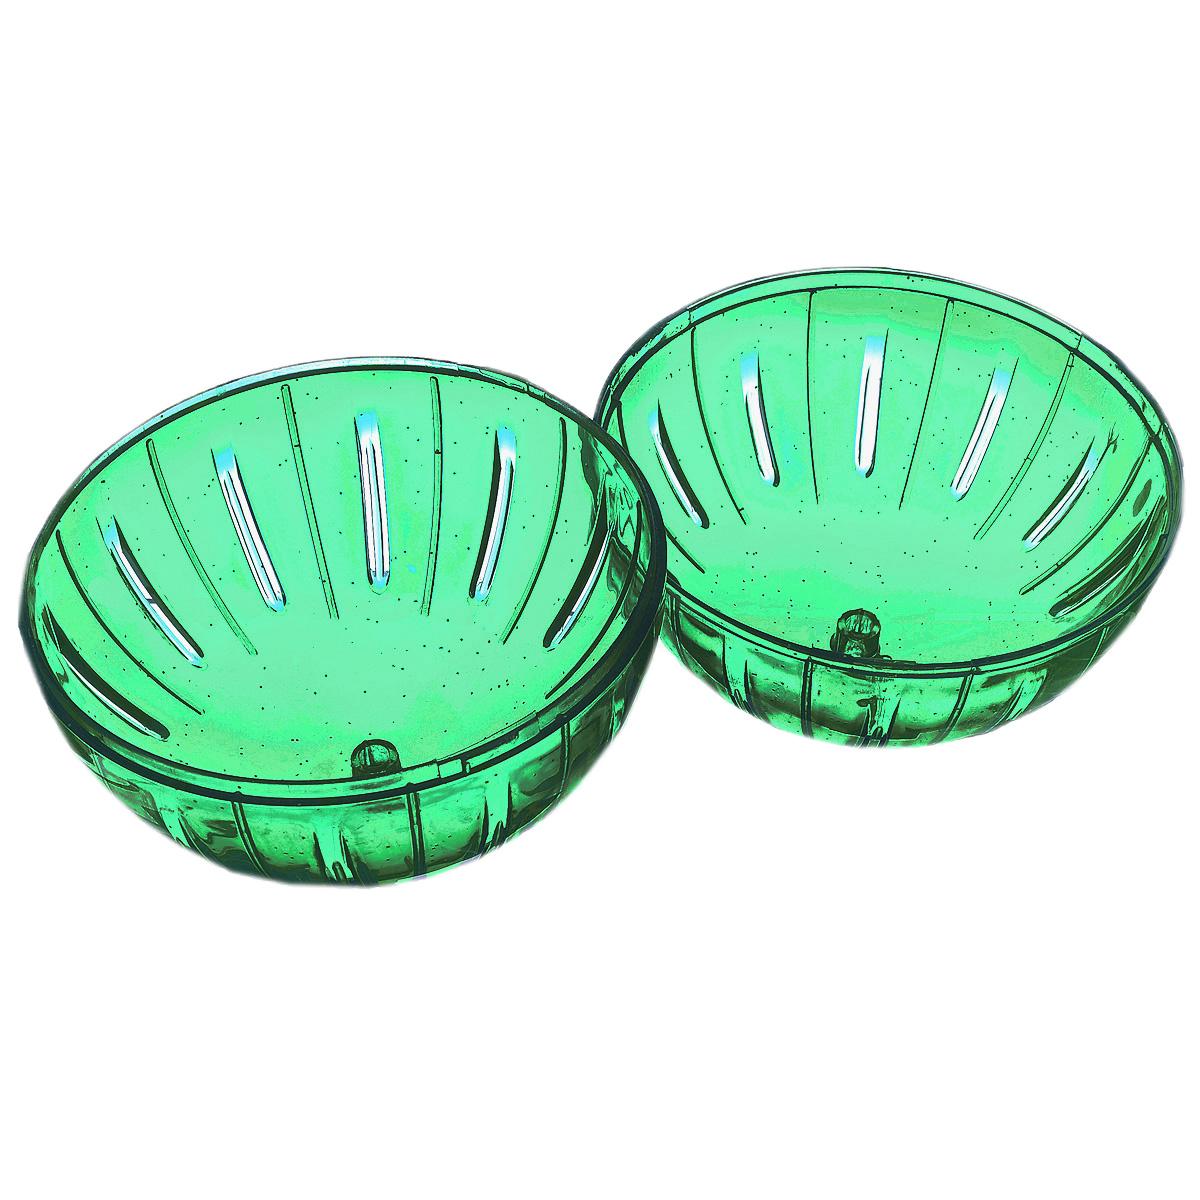 Игрушка для грызунов I.P.T.S. Шар прогулочный, цвет: зеленый, диаметр 12 см16111_805634 зеленыйИгрушка для грызунов I.P.T.S. Шар прогулочный изготовлена из нетоксичного высококачественного пластика. Шар легко моется. Устойчивая конструкция с защелкивающимися дверцами обеспечит безопасность и предохранит вашего питомца от побега. Большие вентиляционные отверстия обеспечивают хорошую циркуляцию воздуха, а специально разработанные выступы для лап - удобство при передвижении. Прогулка в таком шаре обеспечит грызуну нагрузку, а значит, поможет поддержать хорошую физическую форму. Чтобы правильно подобрать шар, следует измерить длину животного: диаметр шара должен быть чуть больше, чем длина вашего питомца. Диаметр шара: 12 см.